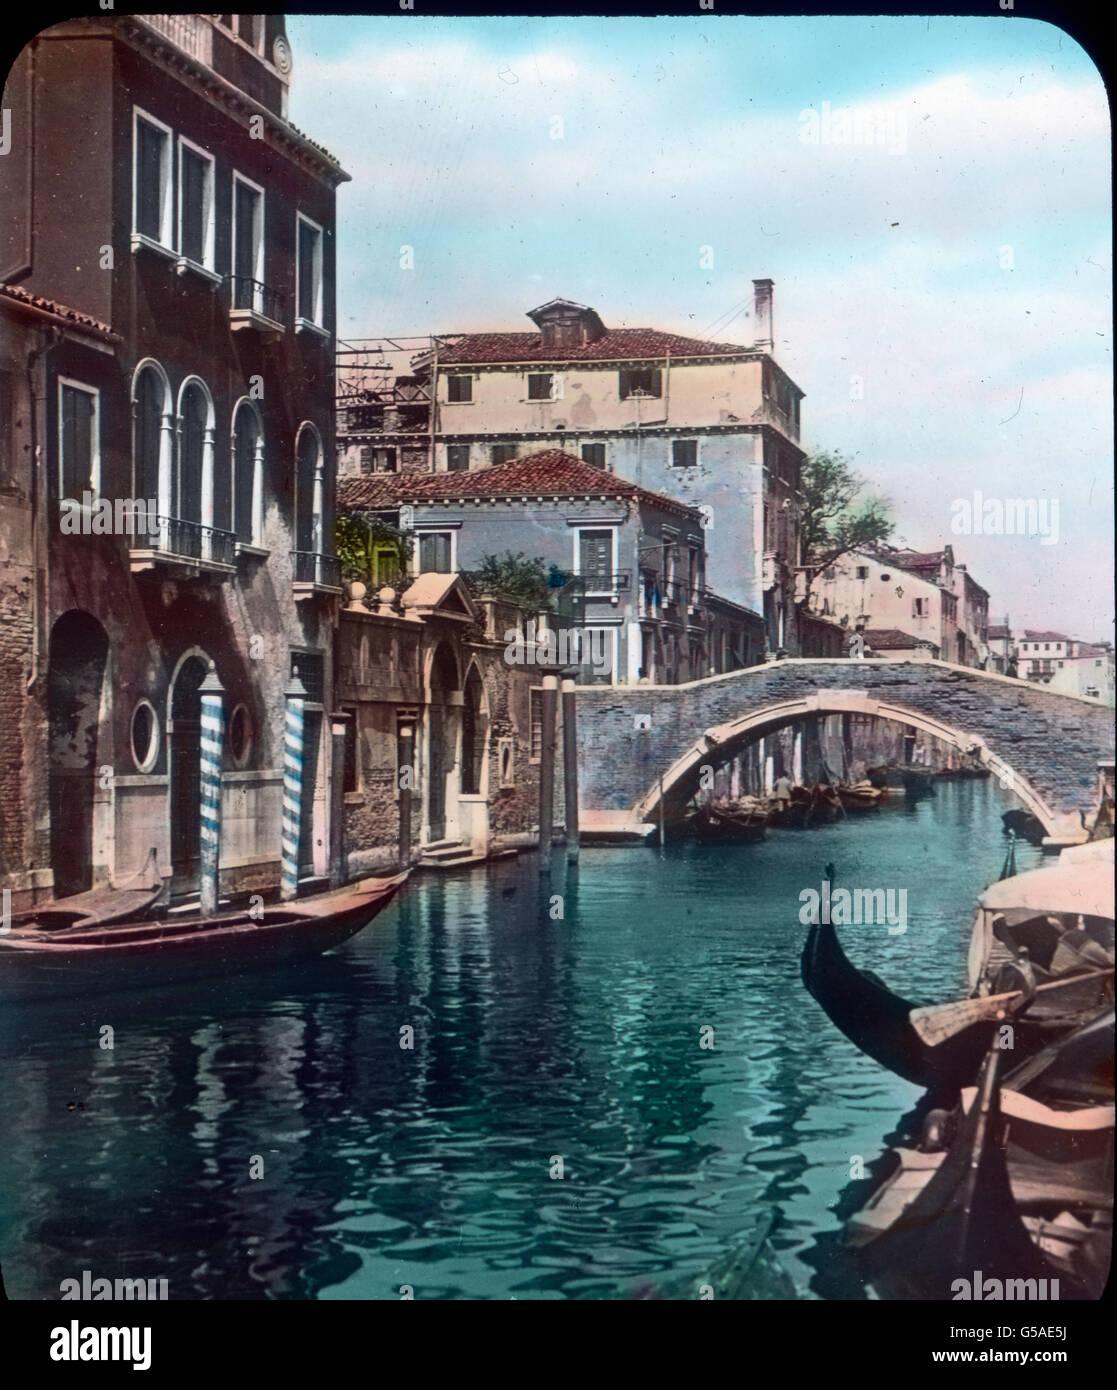 Die ganze Schönheit eines kleinen Kanals zeigt uns dieses Bild. Farbenprächtig umrahmt von hohen Häusern - Stock Image